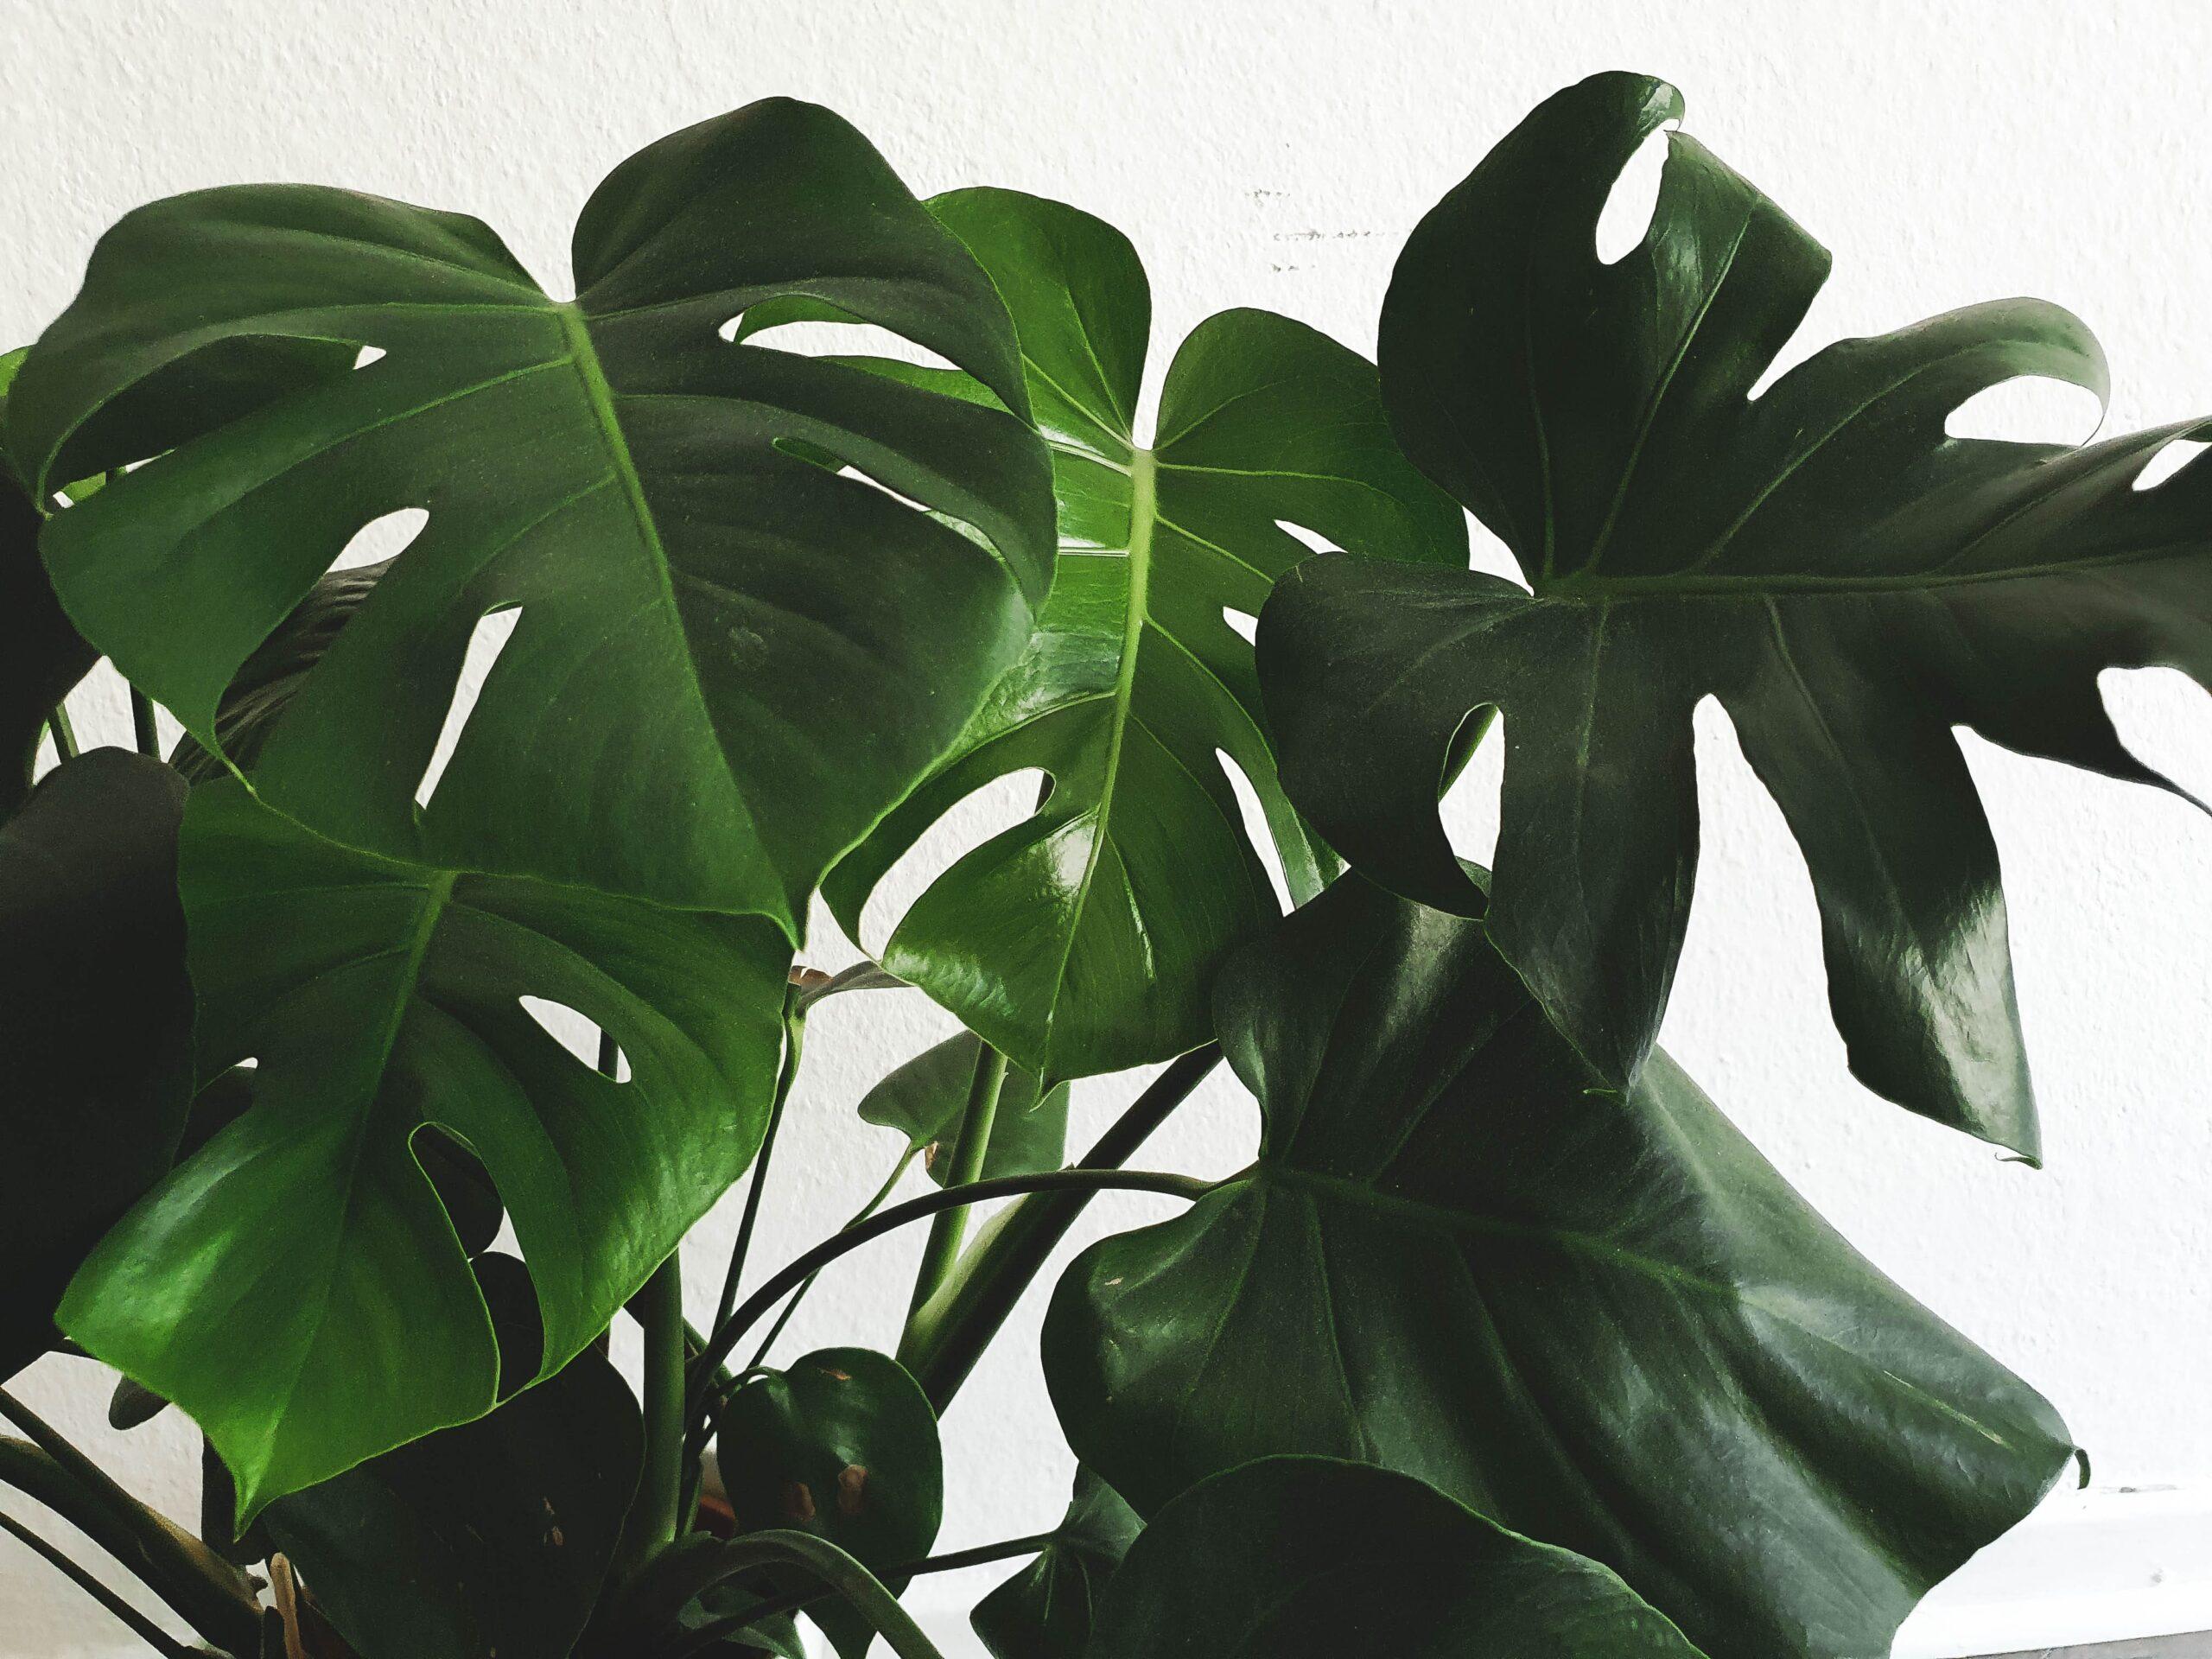 Pflanzen für dunkle räume vorschau